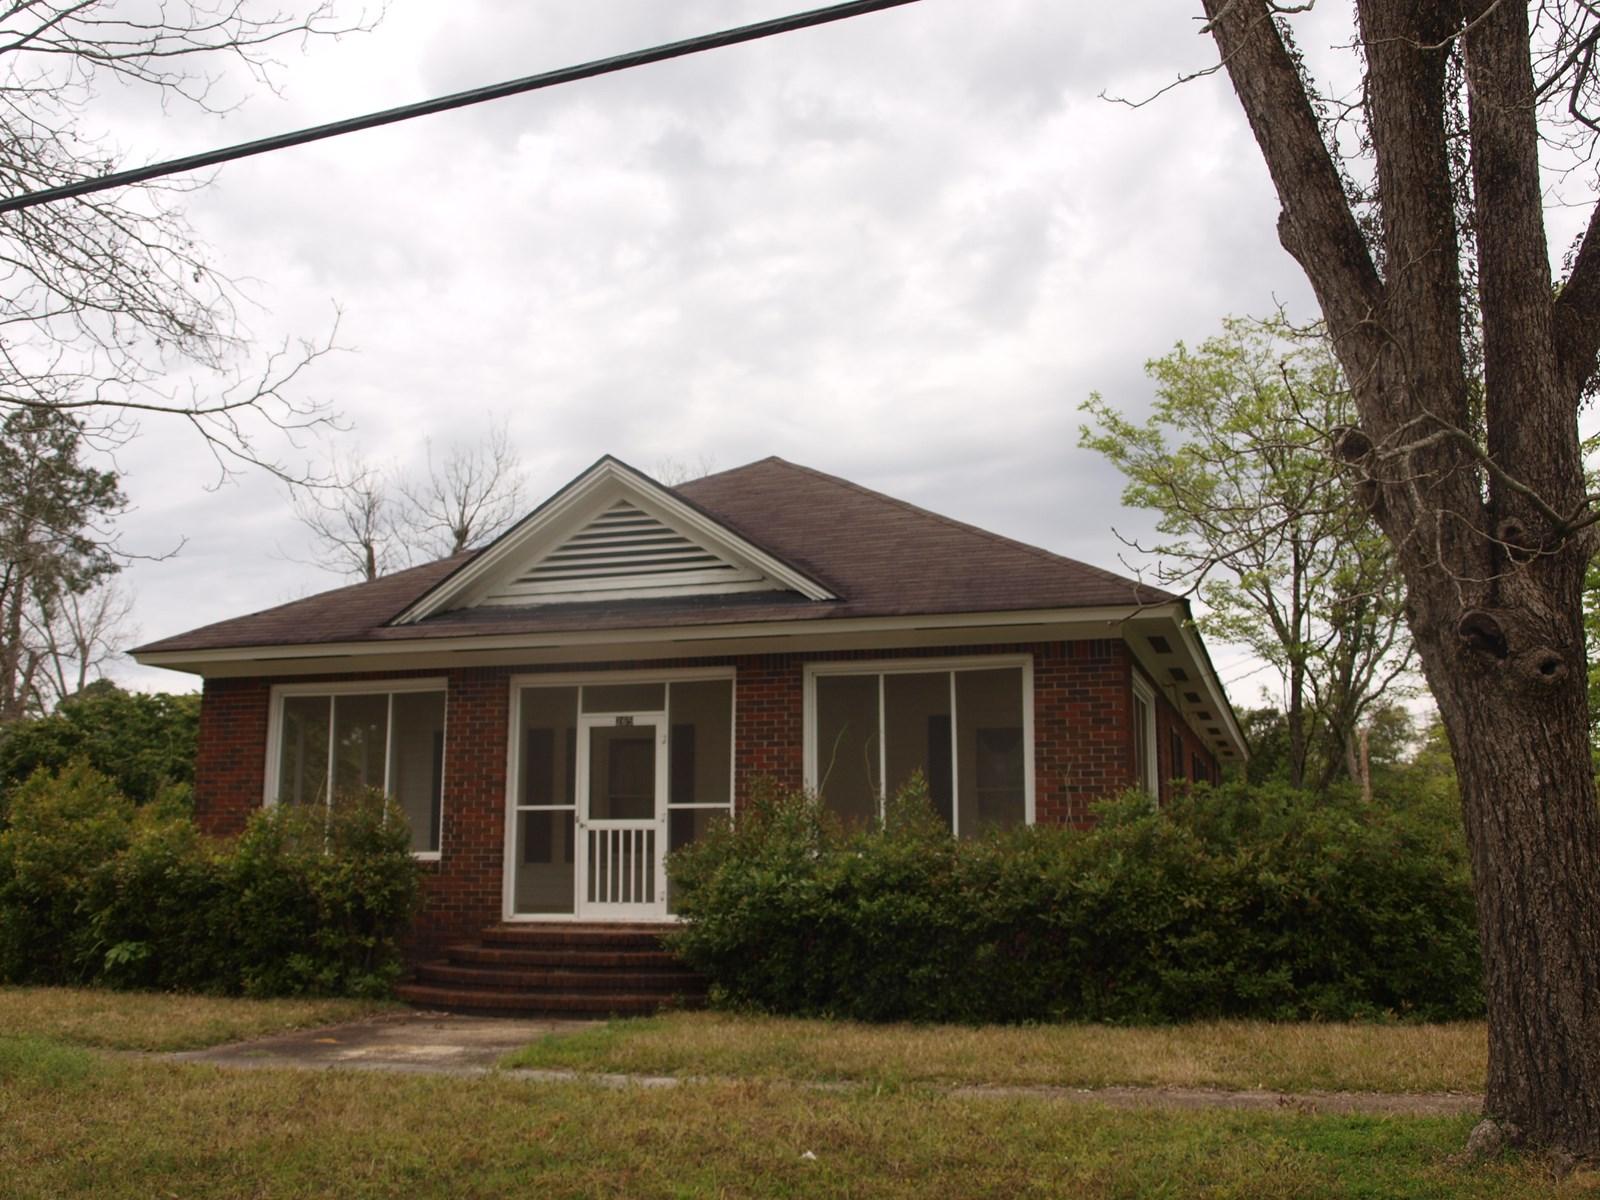 CHEAP HOUSING IN A QUAINT RURAL TOWN